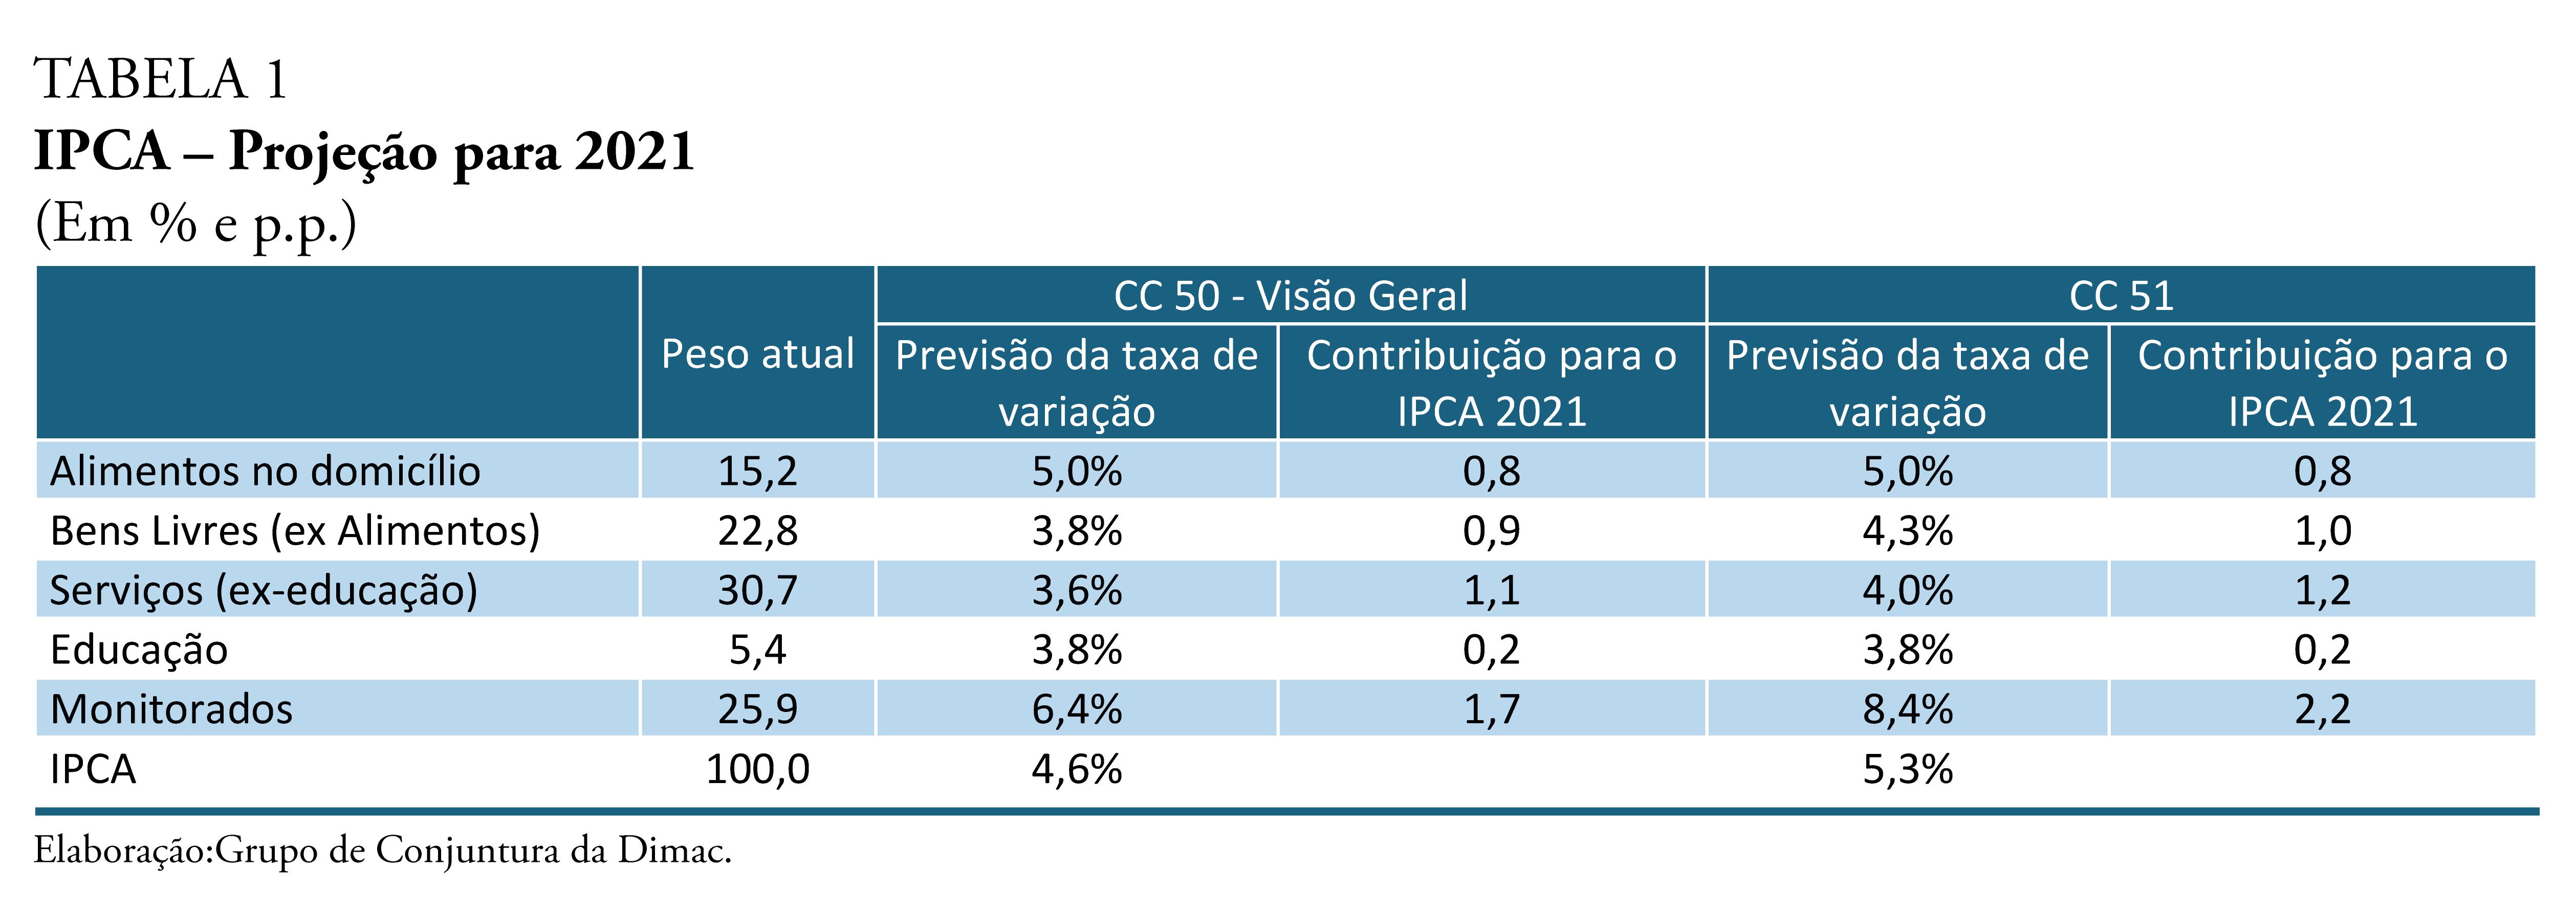 210524_cc_51_nota_17_inflacao_tabela_1